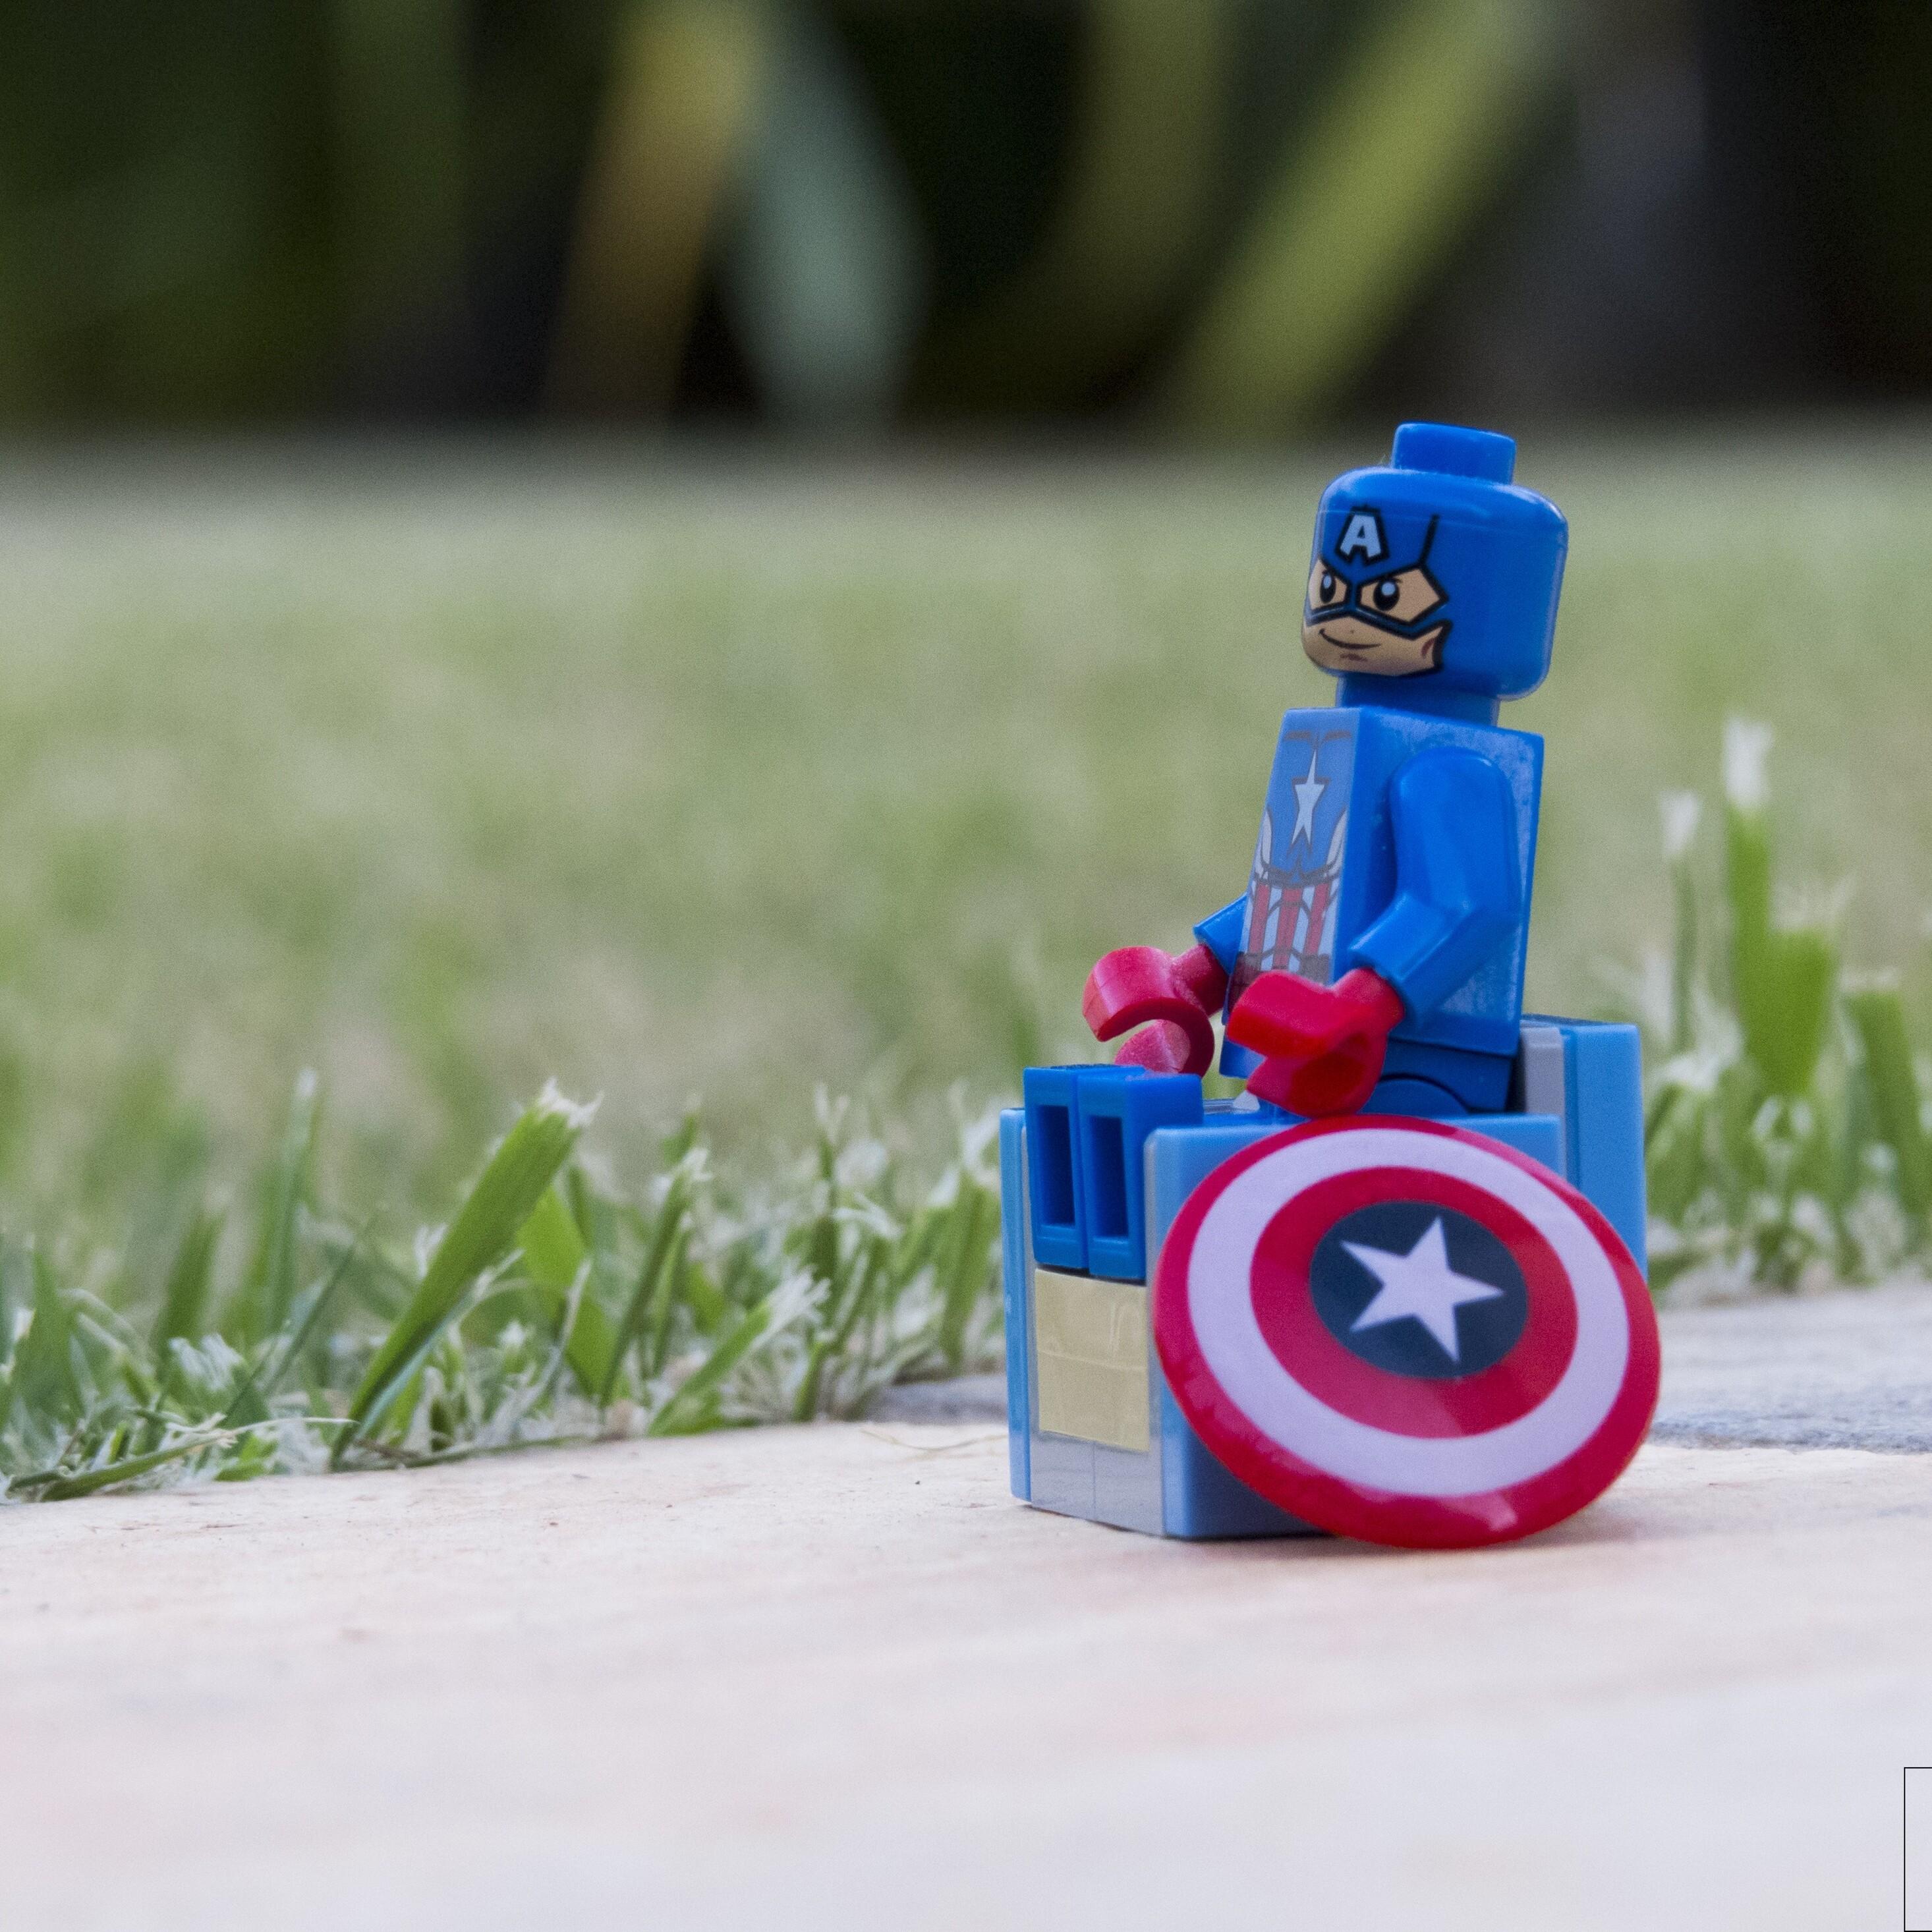 captain-america-lego-wallpaper.jpg